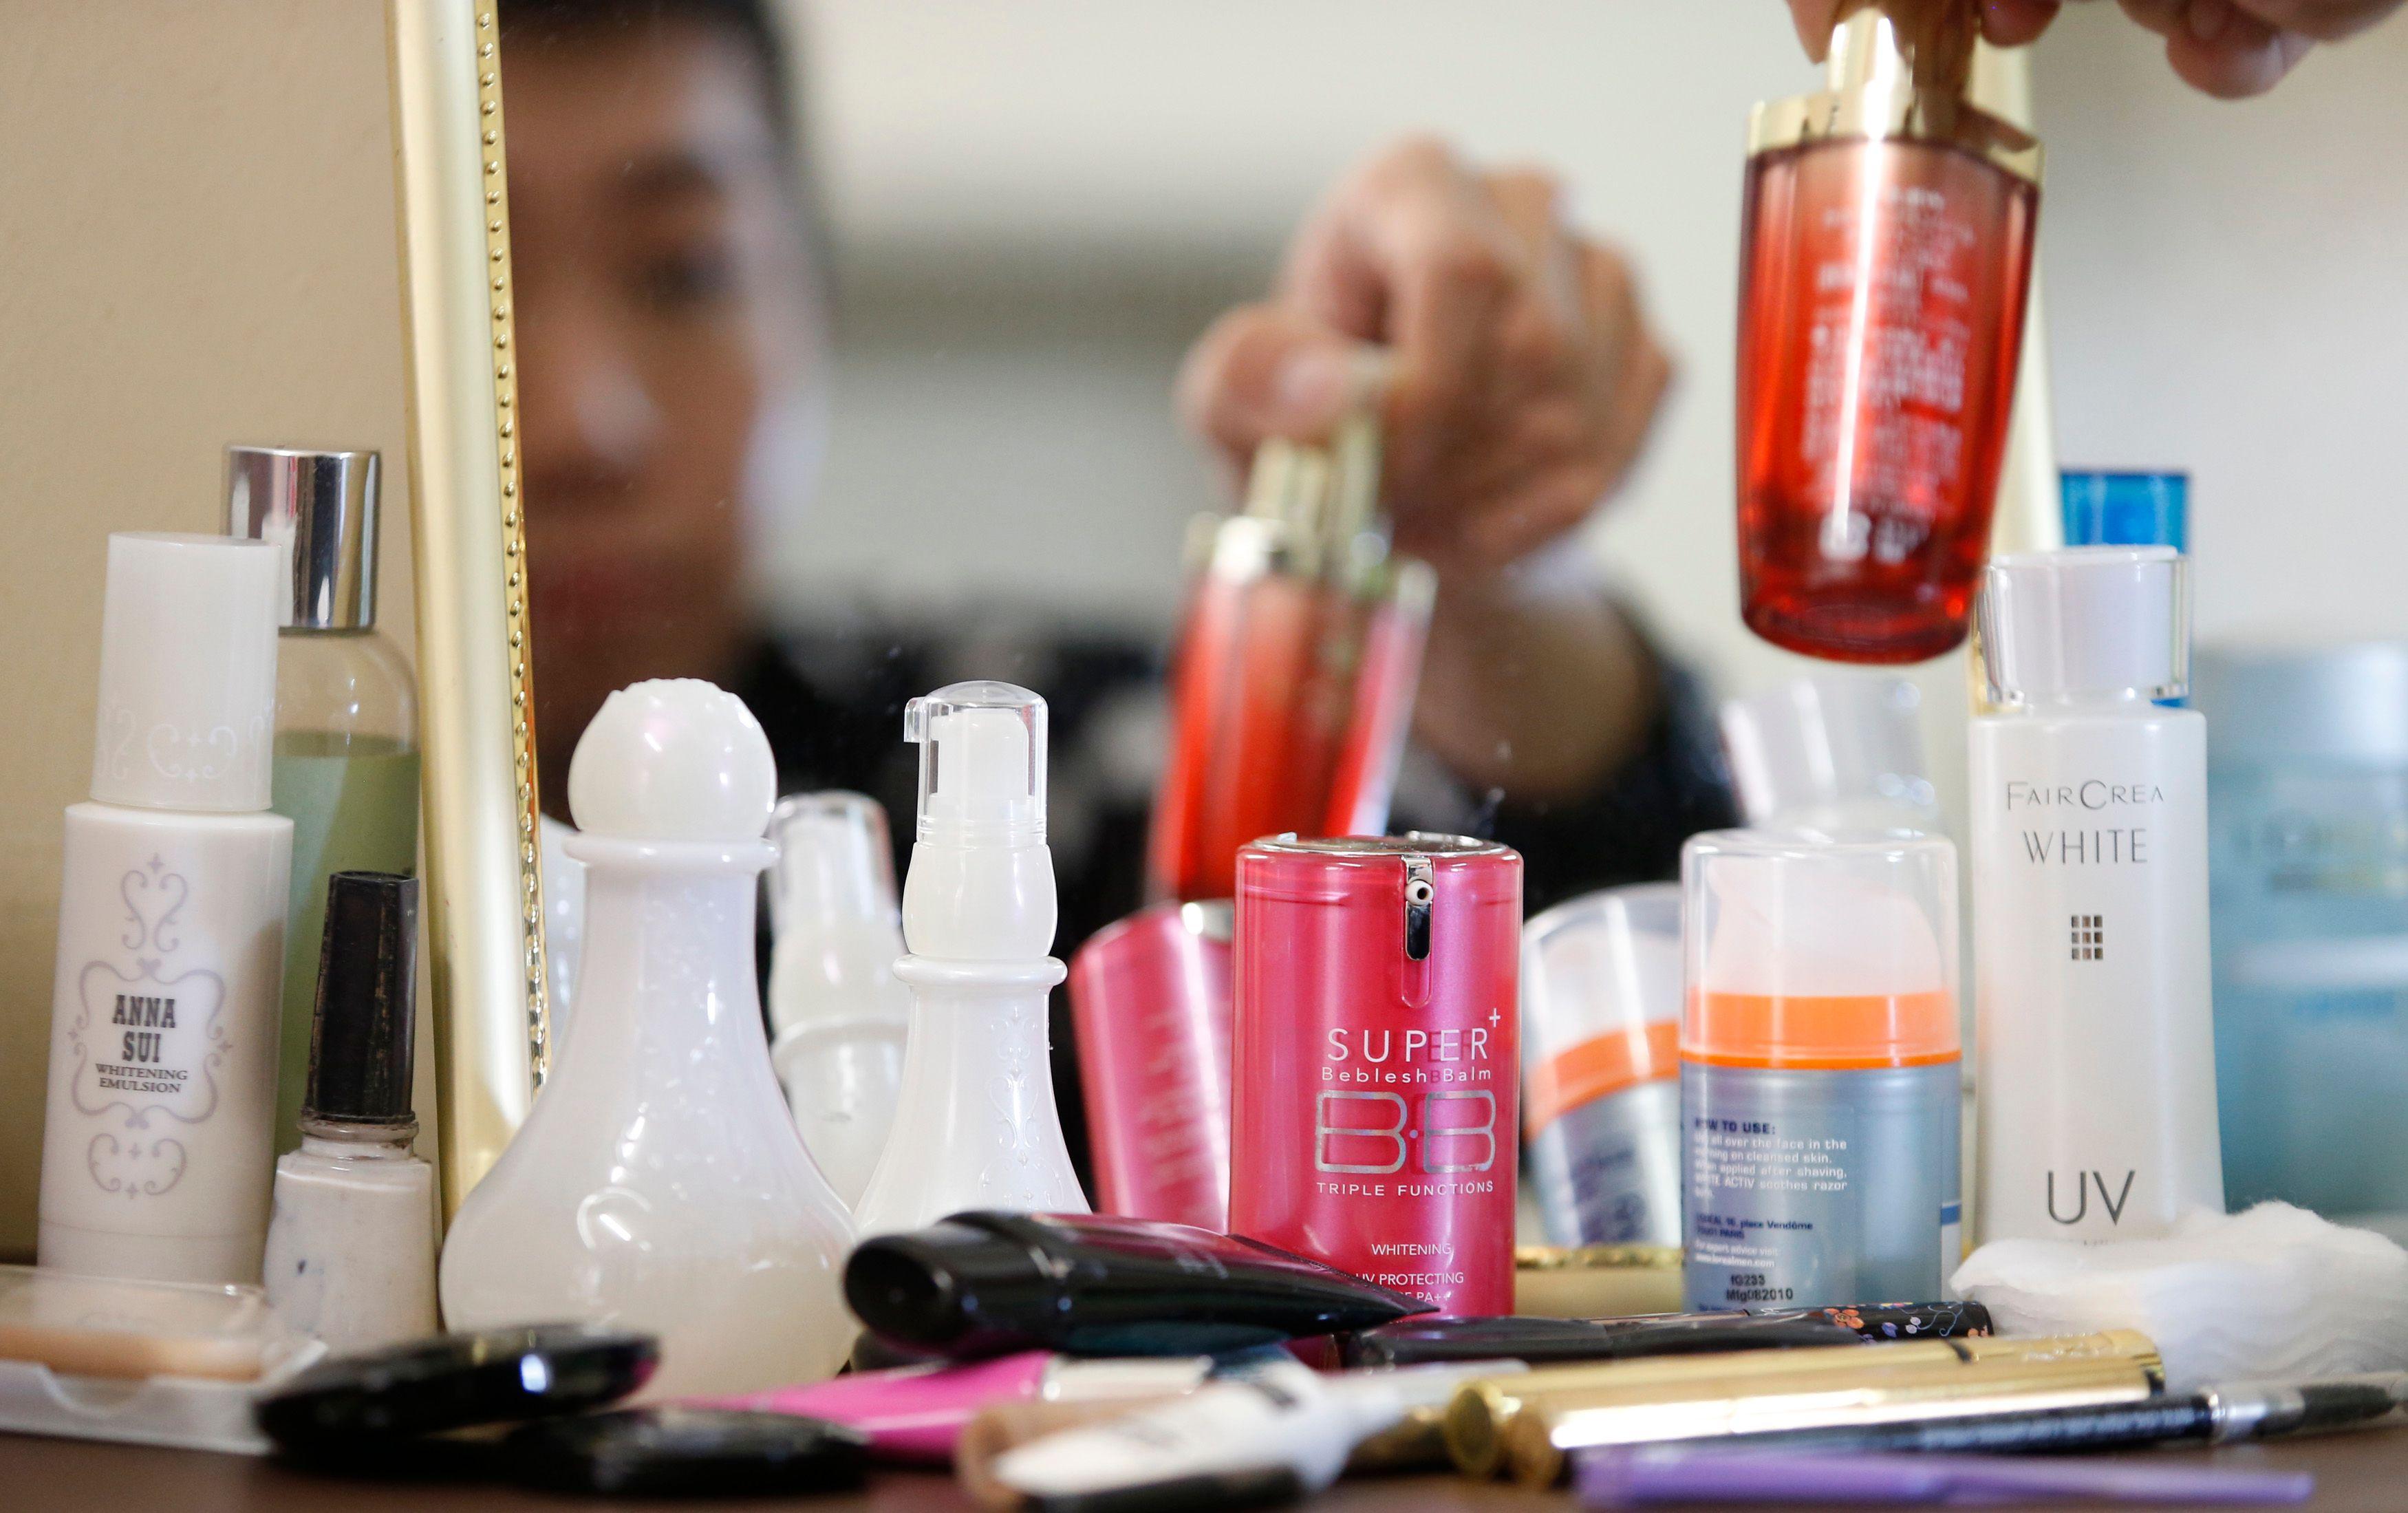 40% des produits de beauté contiennent au moins un perturbateur endocrinien.